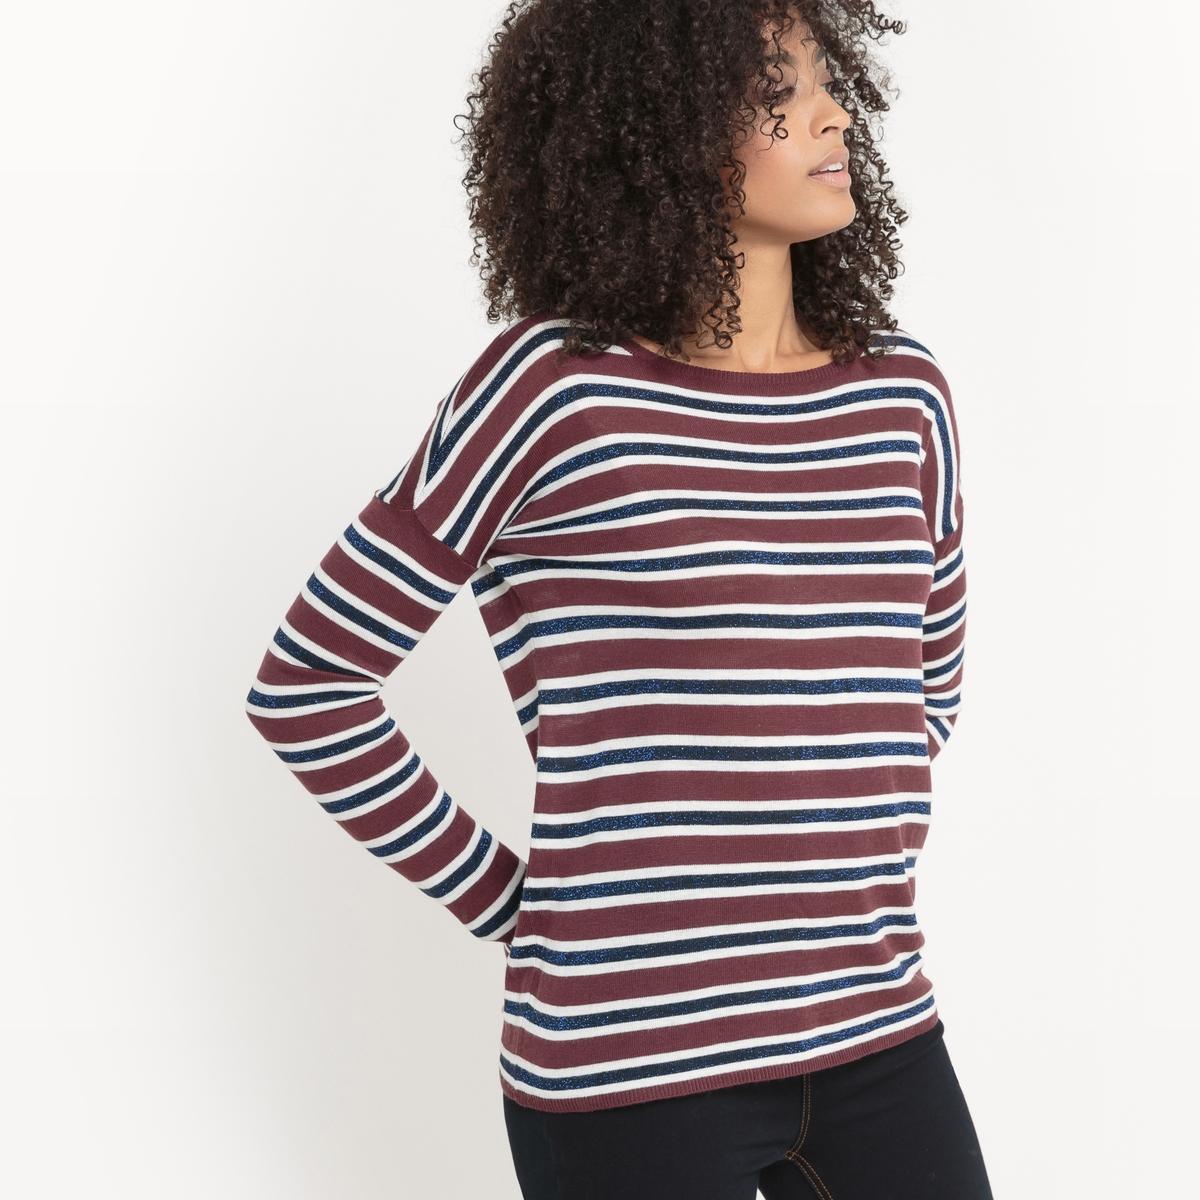 Пуловер из тонкого трикотажа в полоску металлизированной нитью